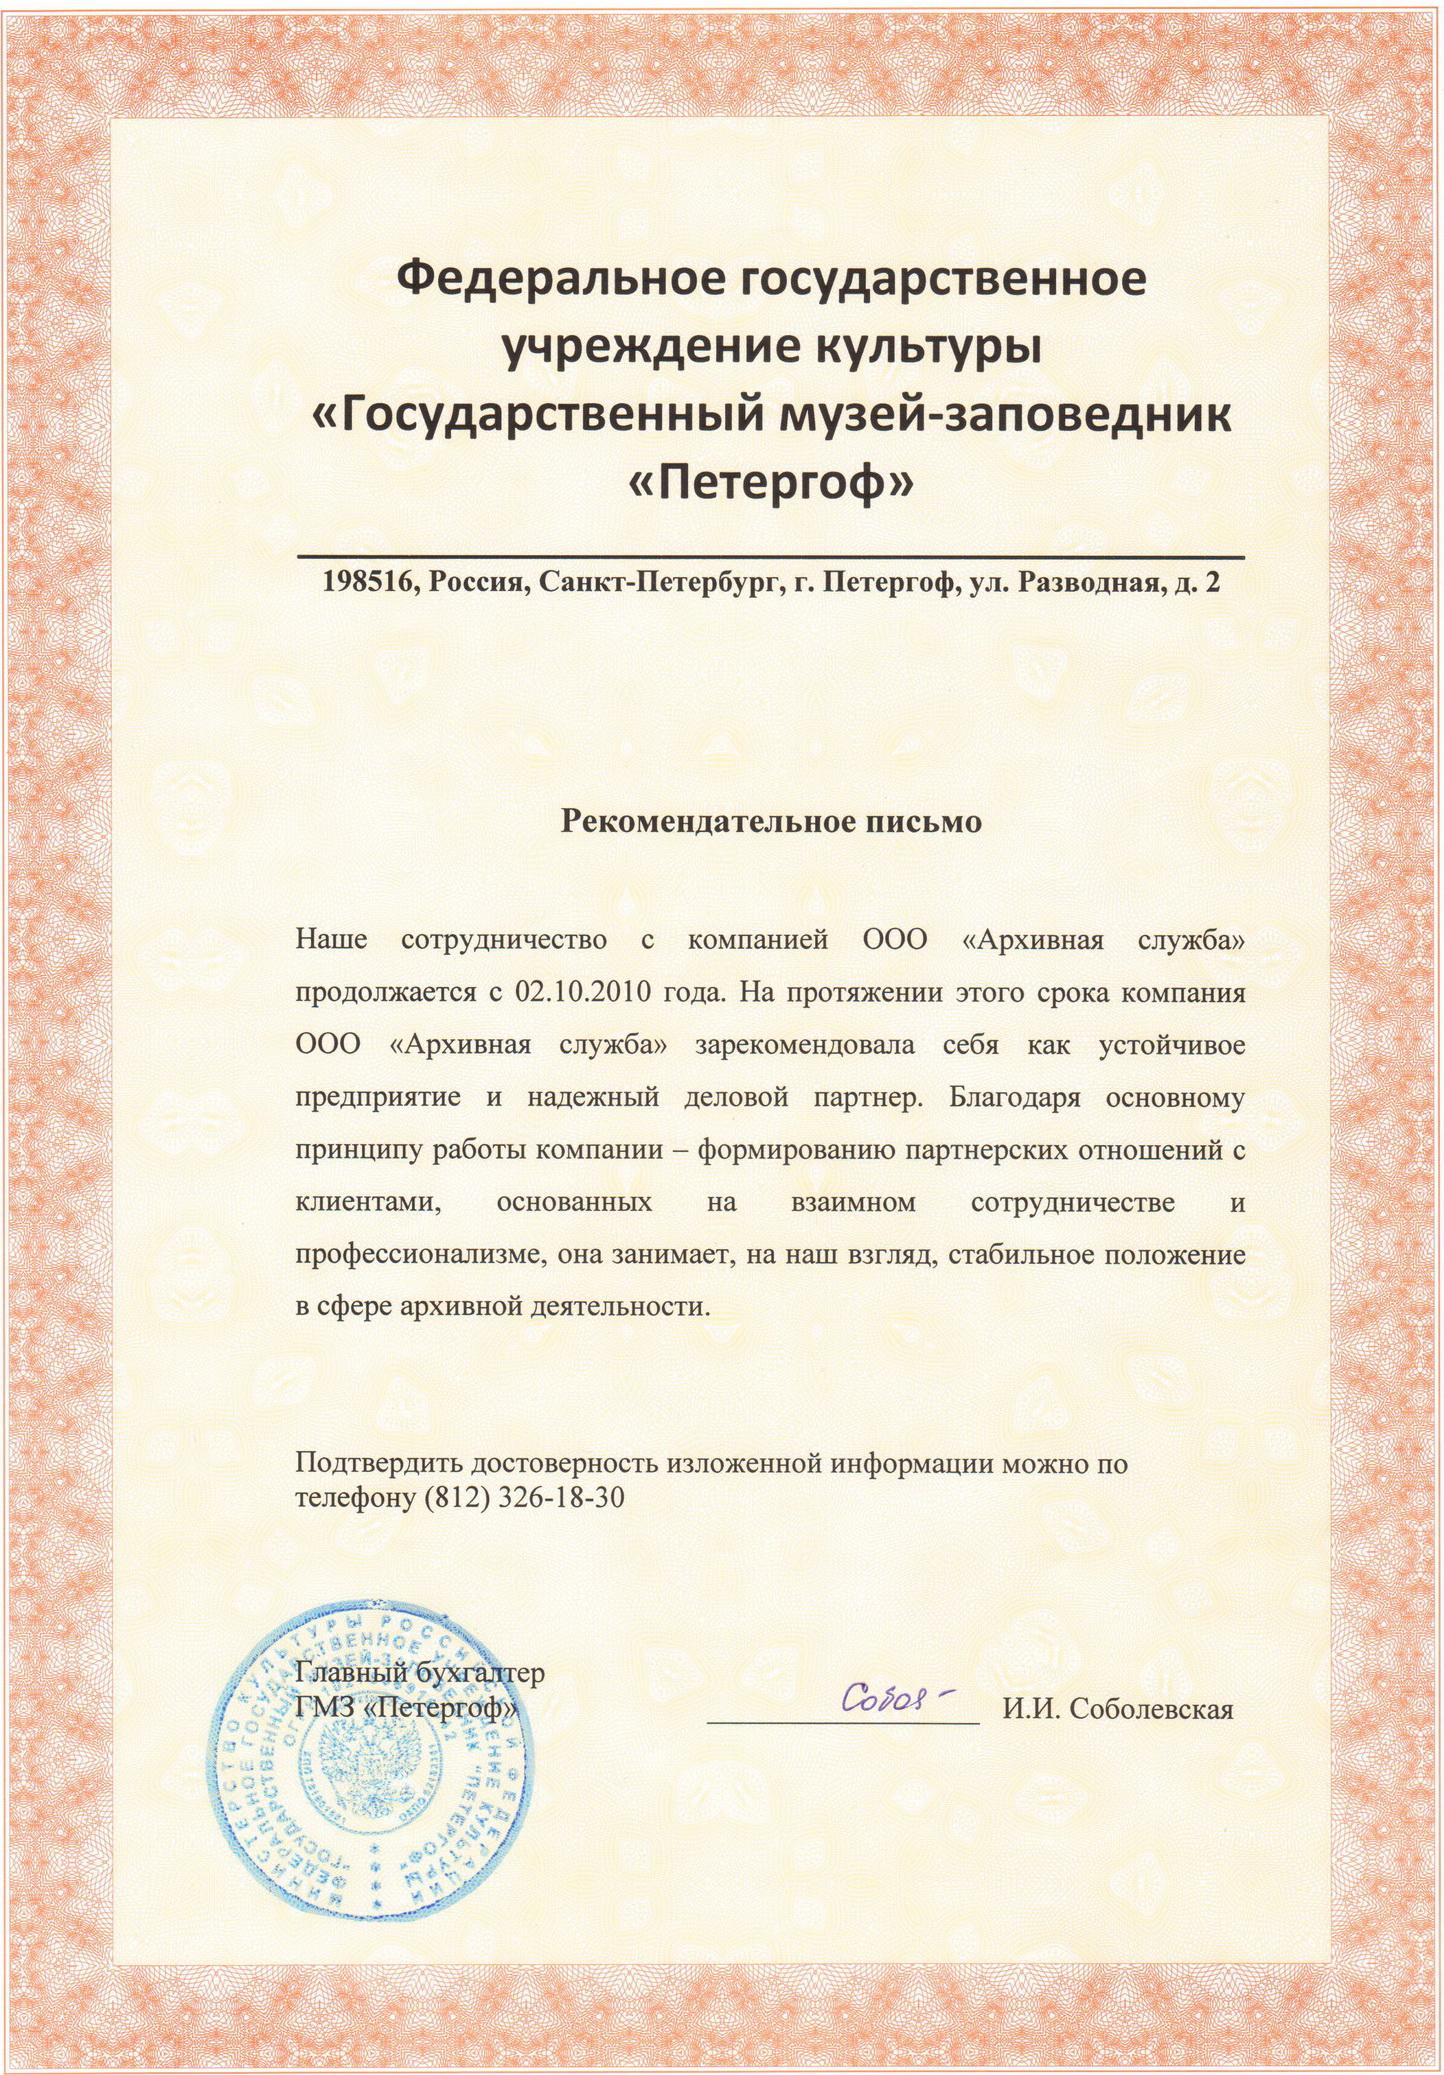 ГМЗ Музей Петергоф